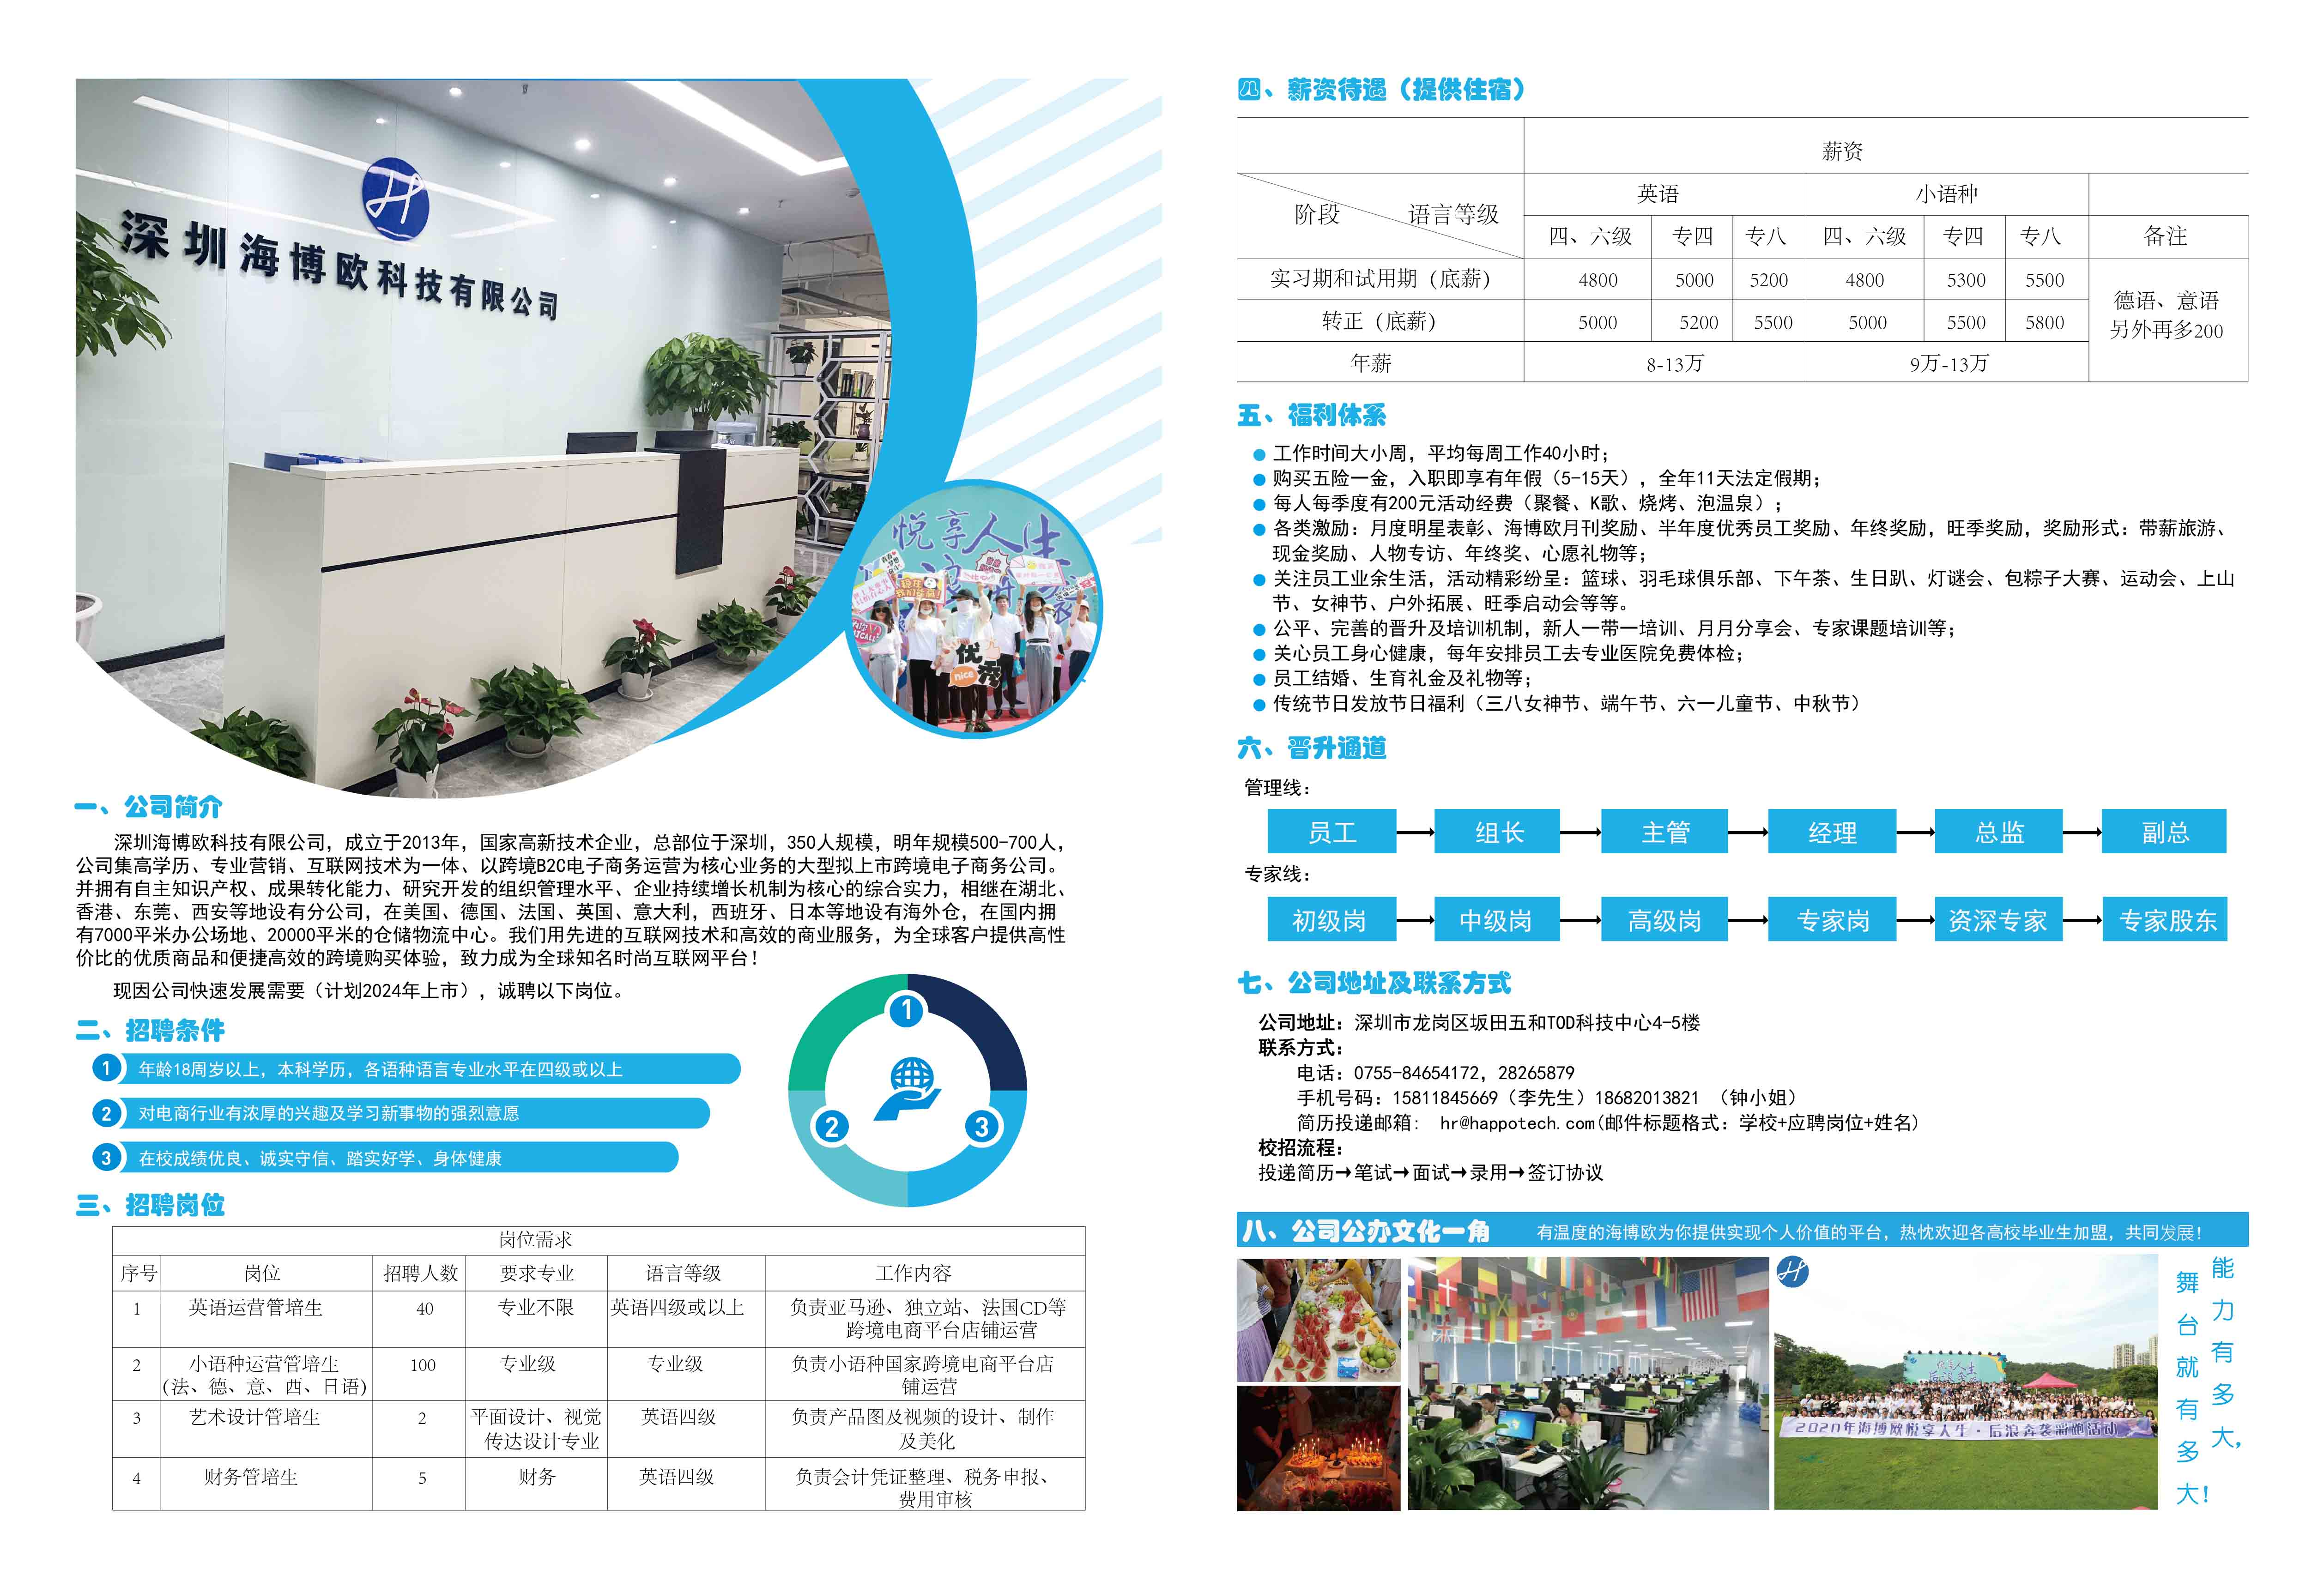 深圳海博欧科技有限公司宣讲会